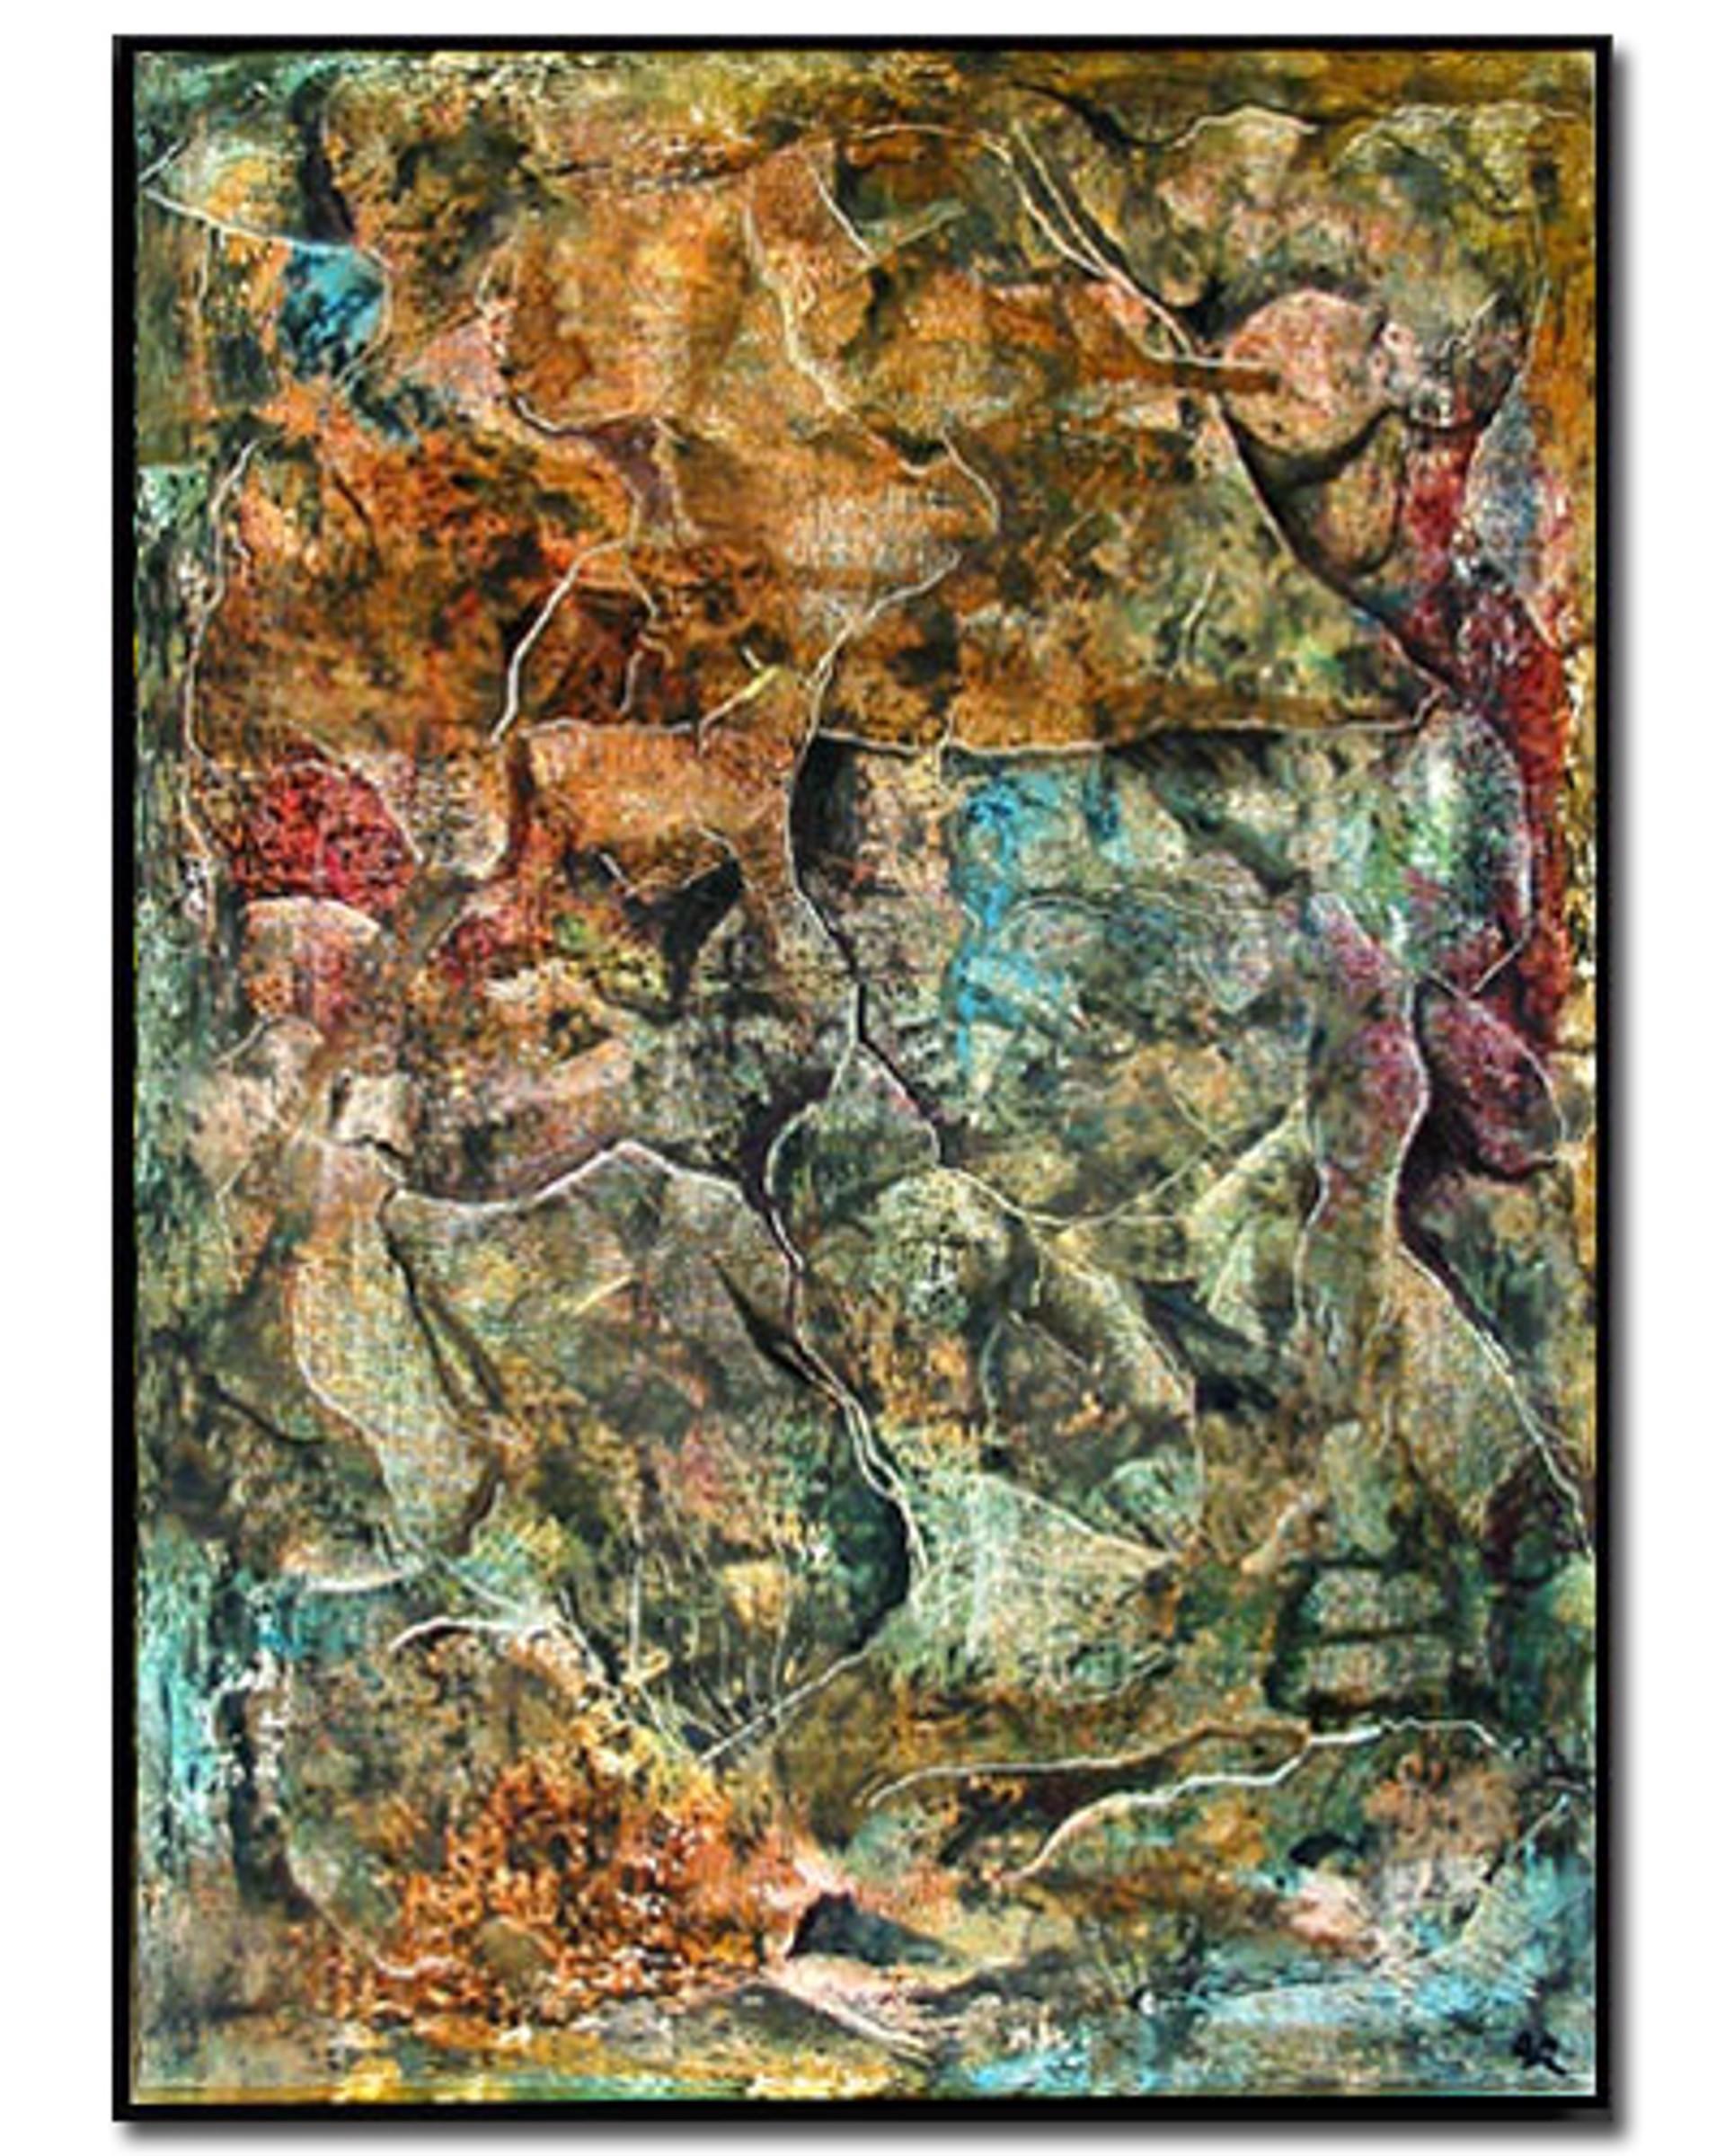 African Draft by Adam Rupniewski (Yamhill, OR)